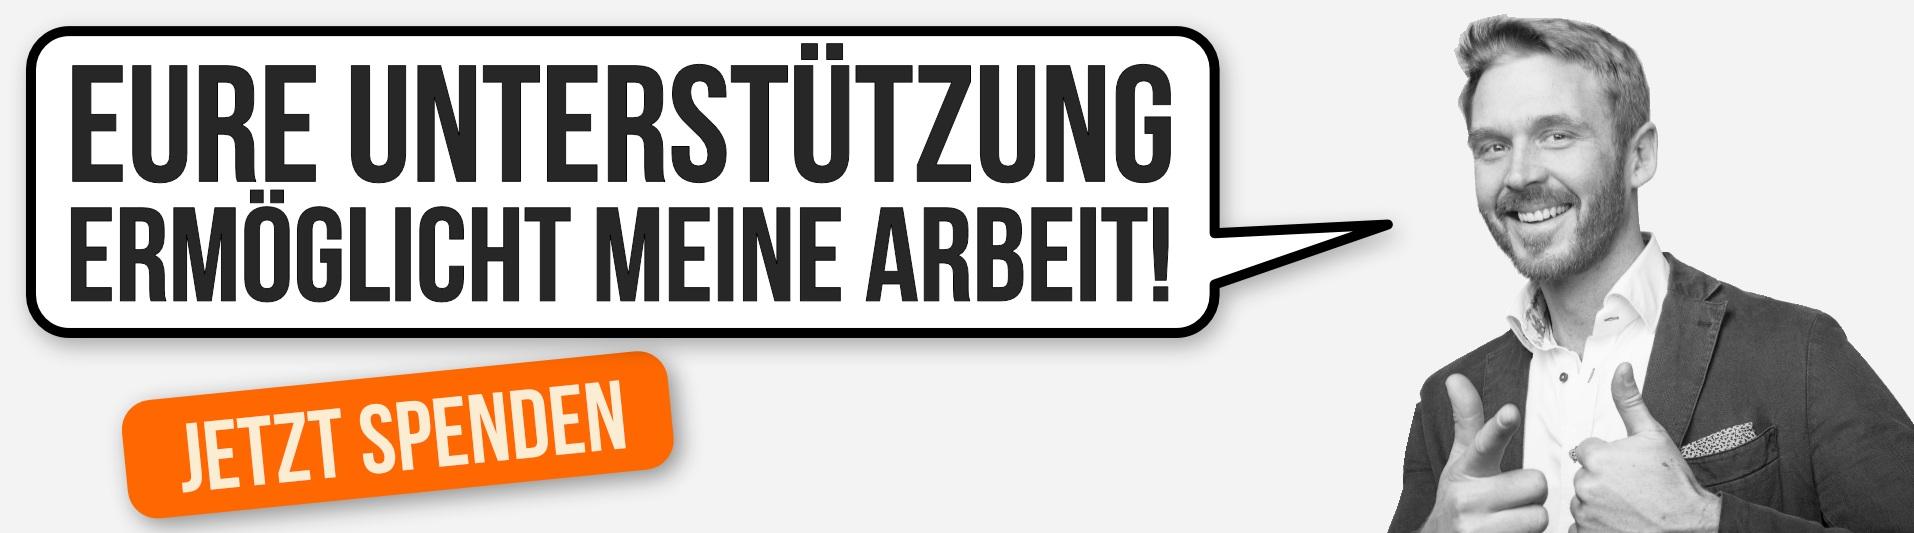 Banner_Spendenaufruf_1920x540px.jpg